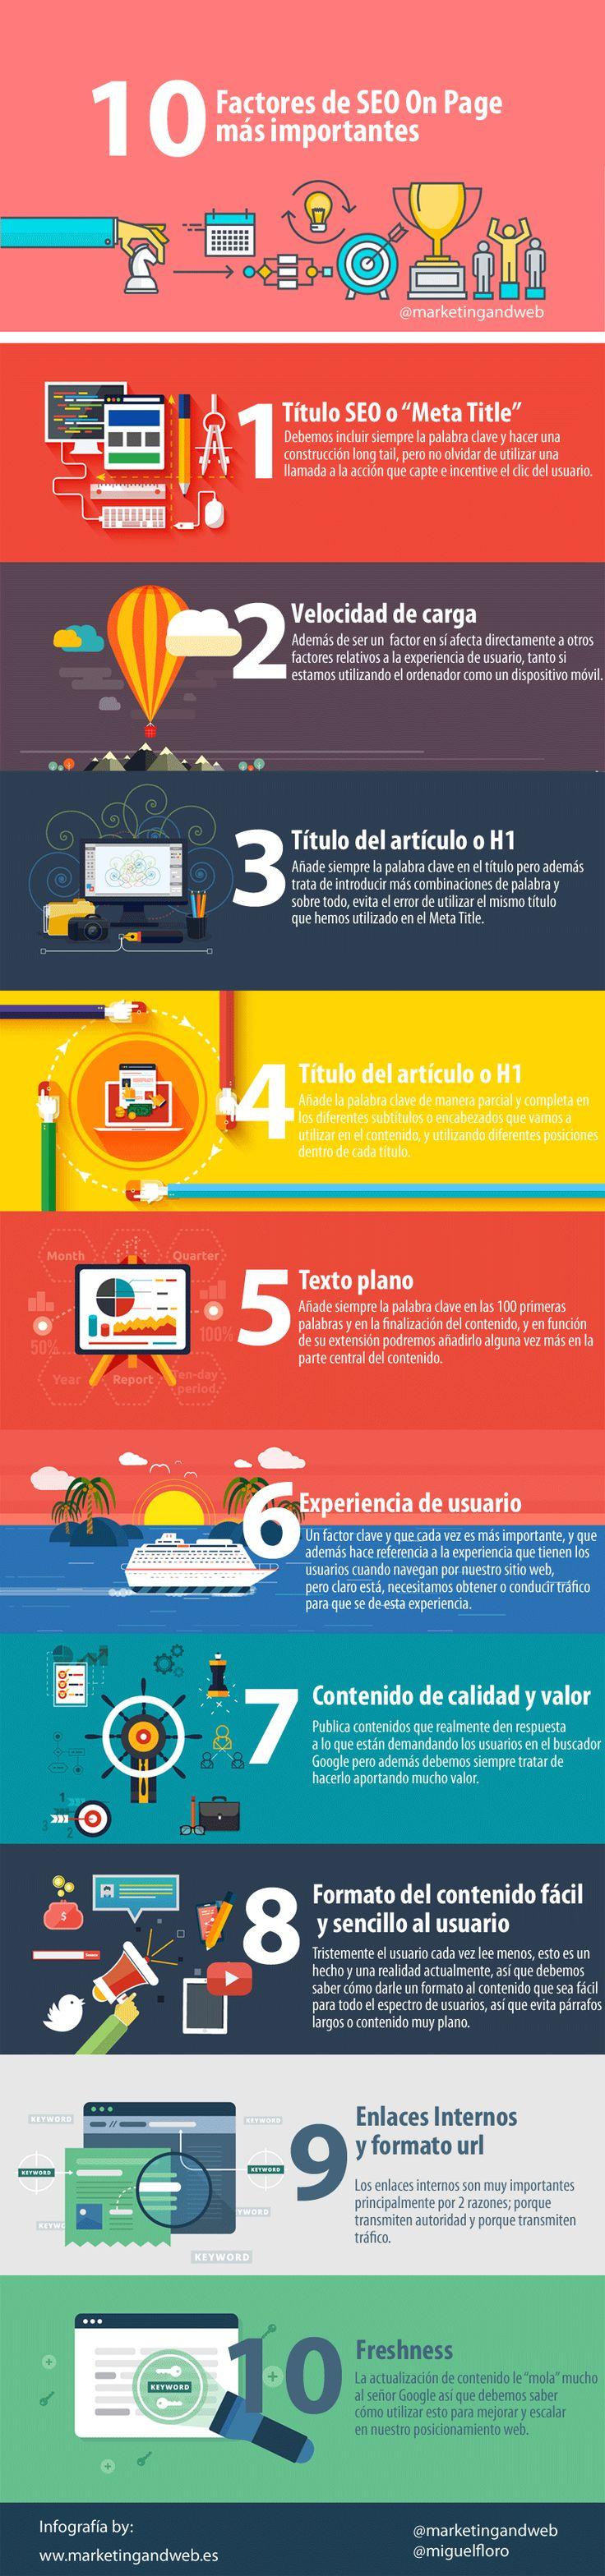 10 factores SEO On Page más importantes #SocialMedia #SEO